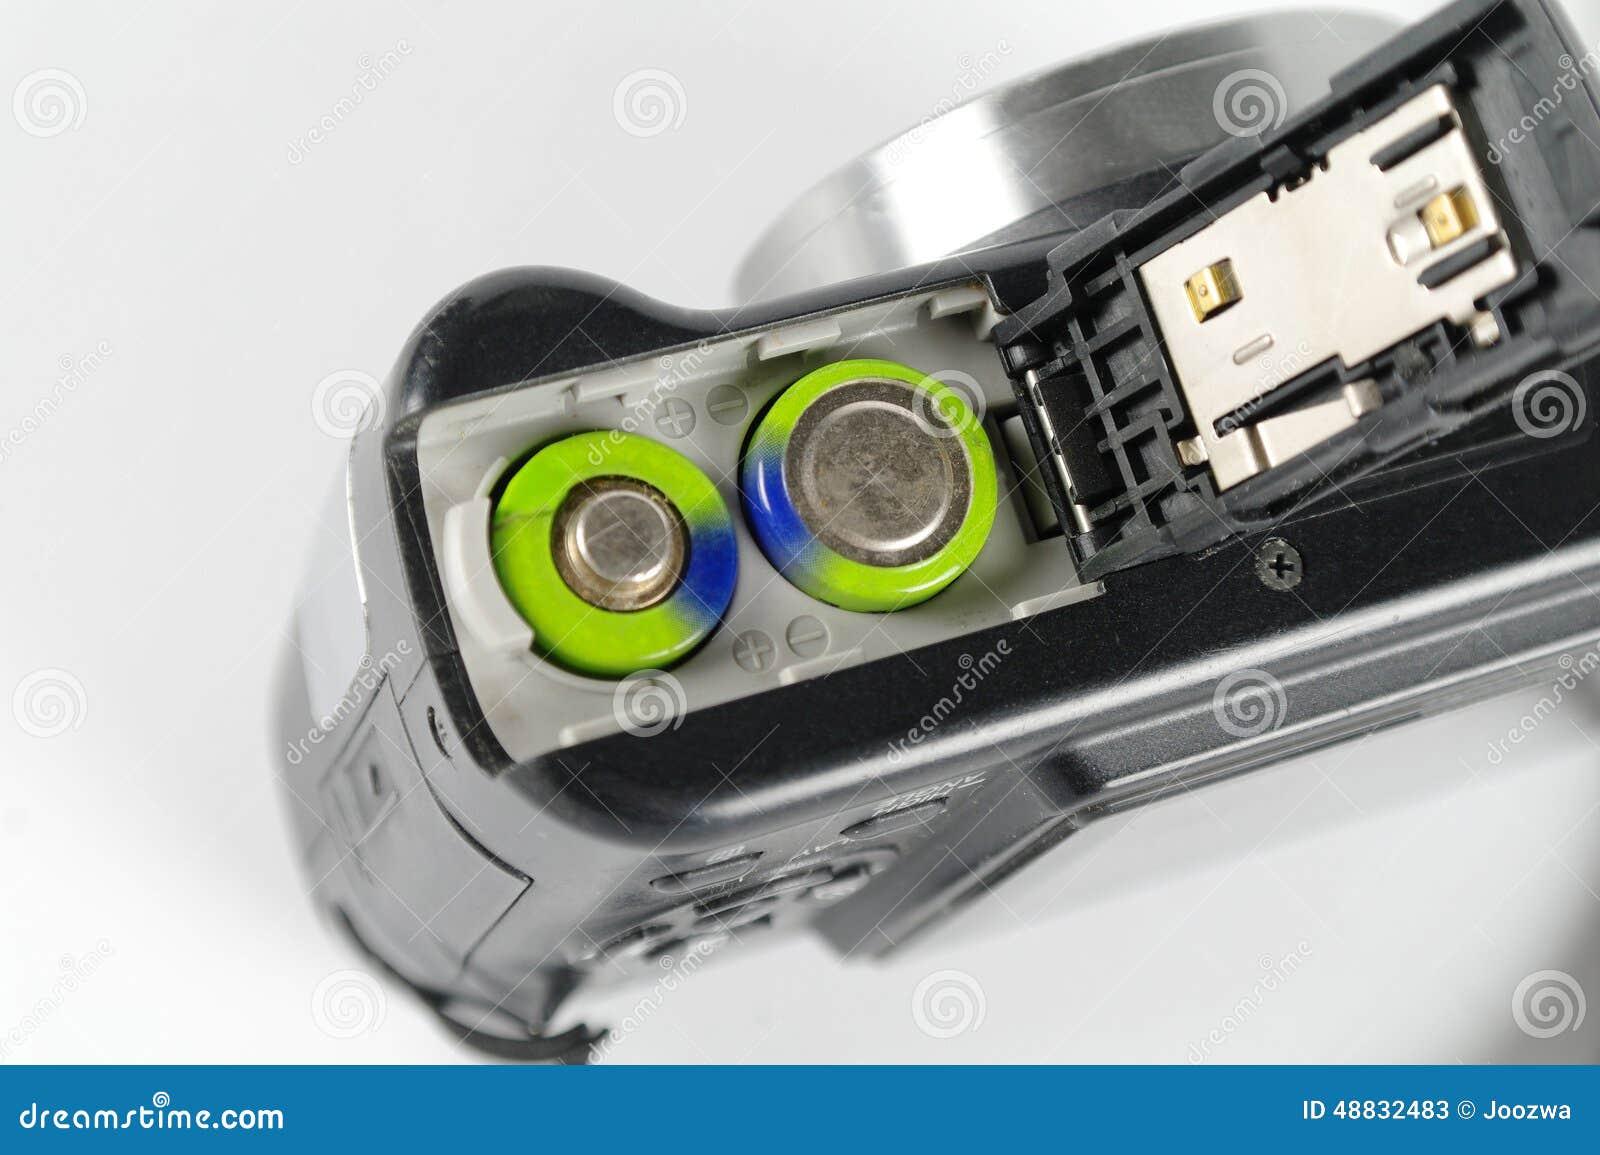 Батареи в цифровой фотокамера